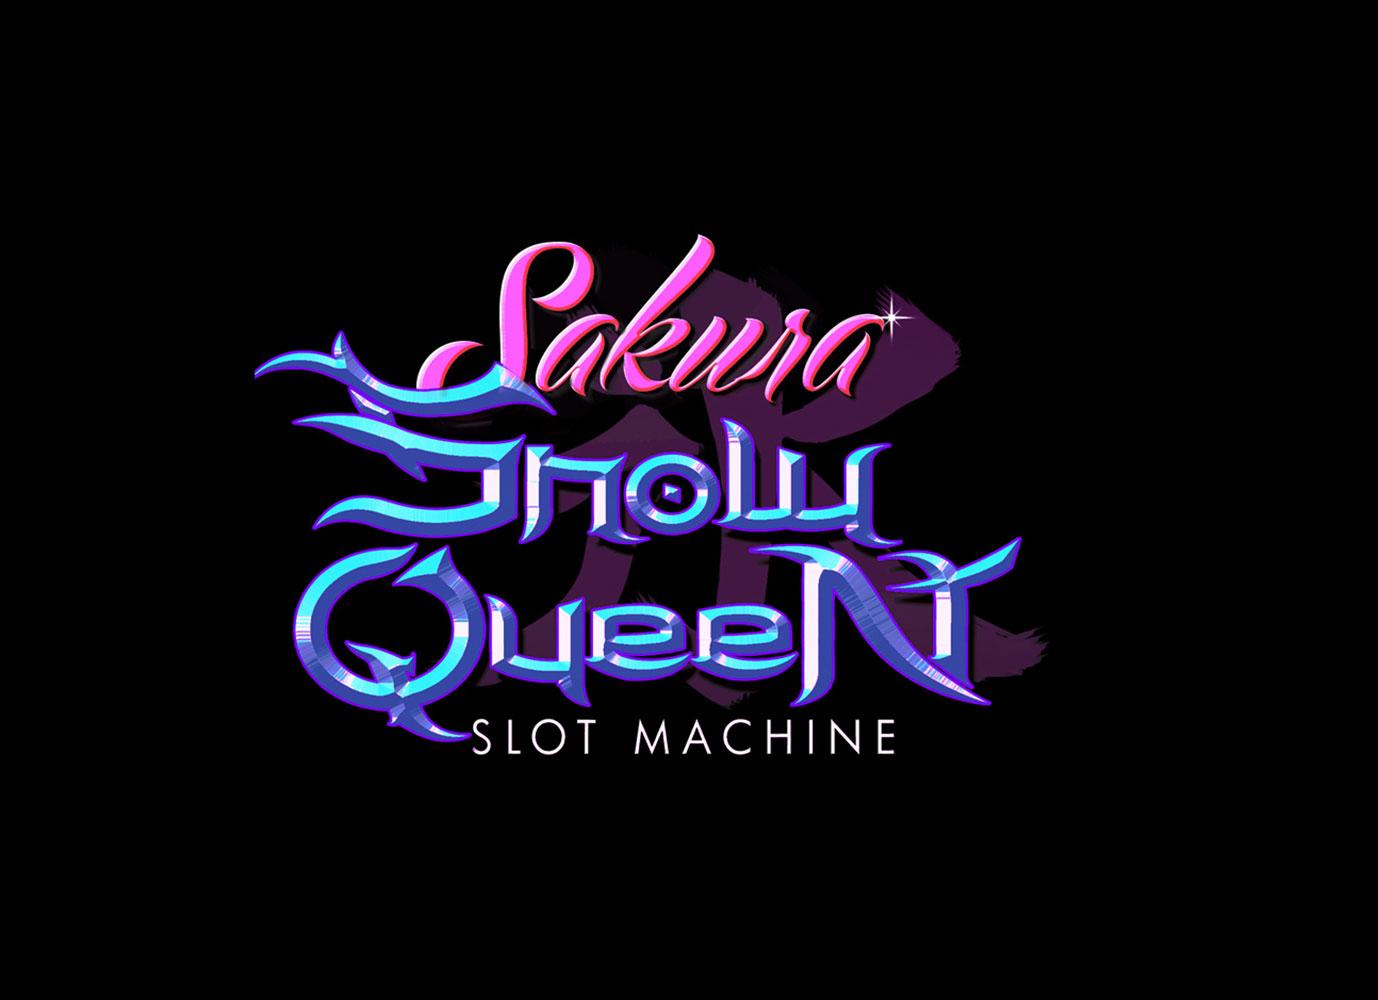 Sakura Snow Queen